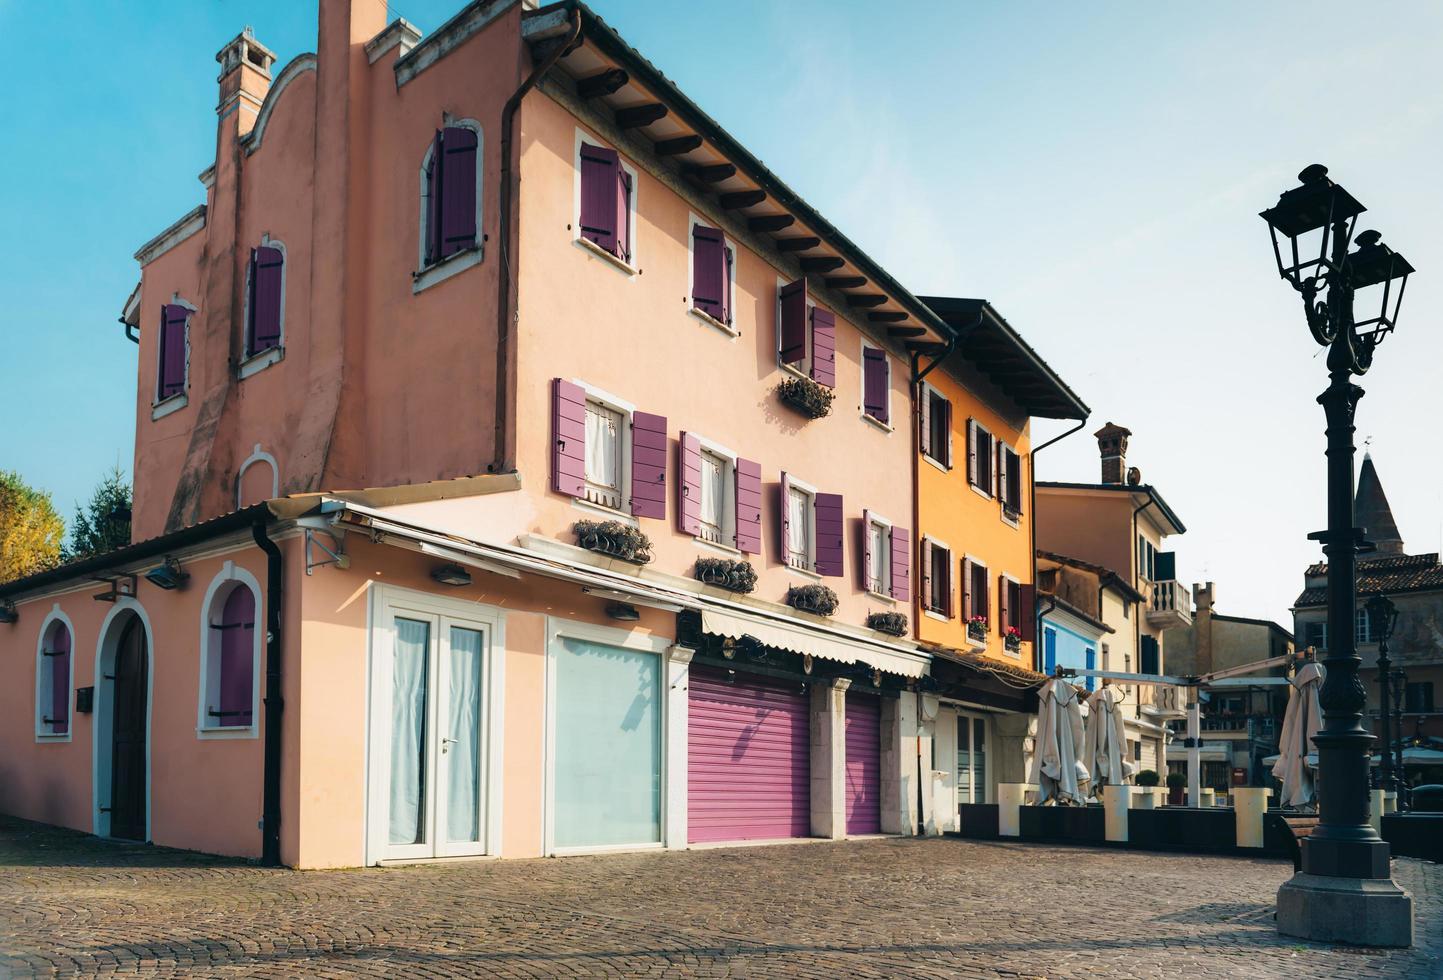 Caorle, Italien 2017 - Touristenviertel der alten Provinzstadt Caorle in Italien foto